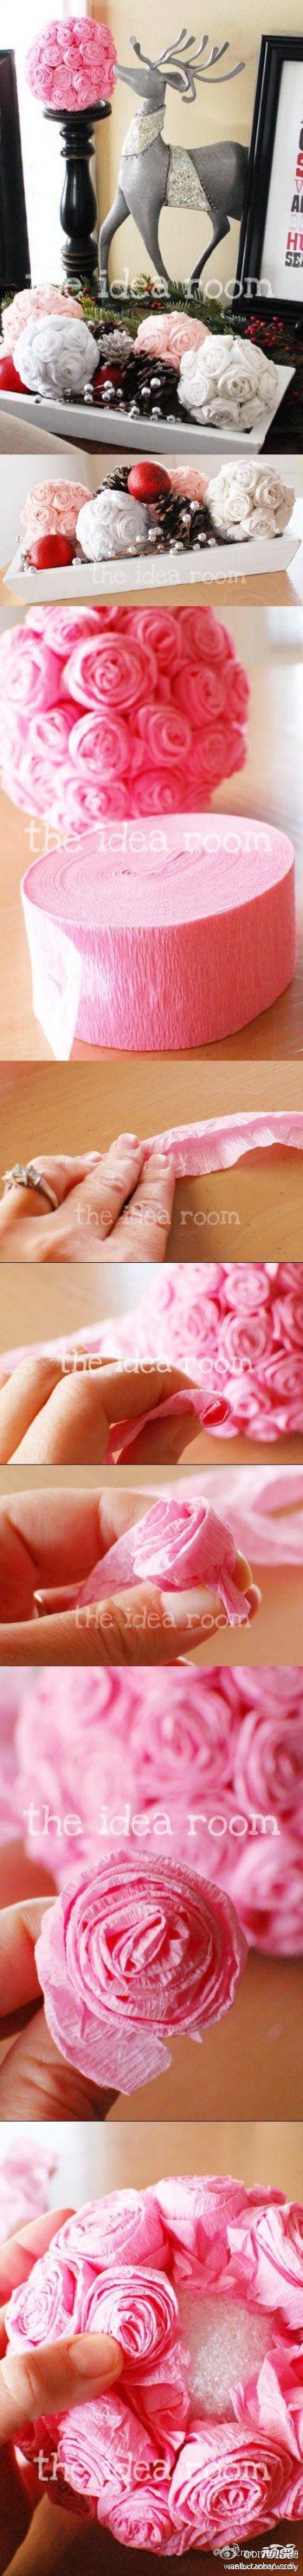 How To Make Tissue Flowers Paper Flowers Pinterest Flower Ball